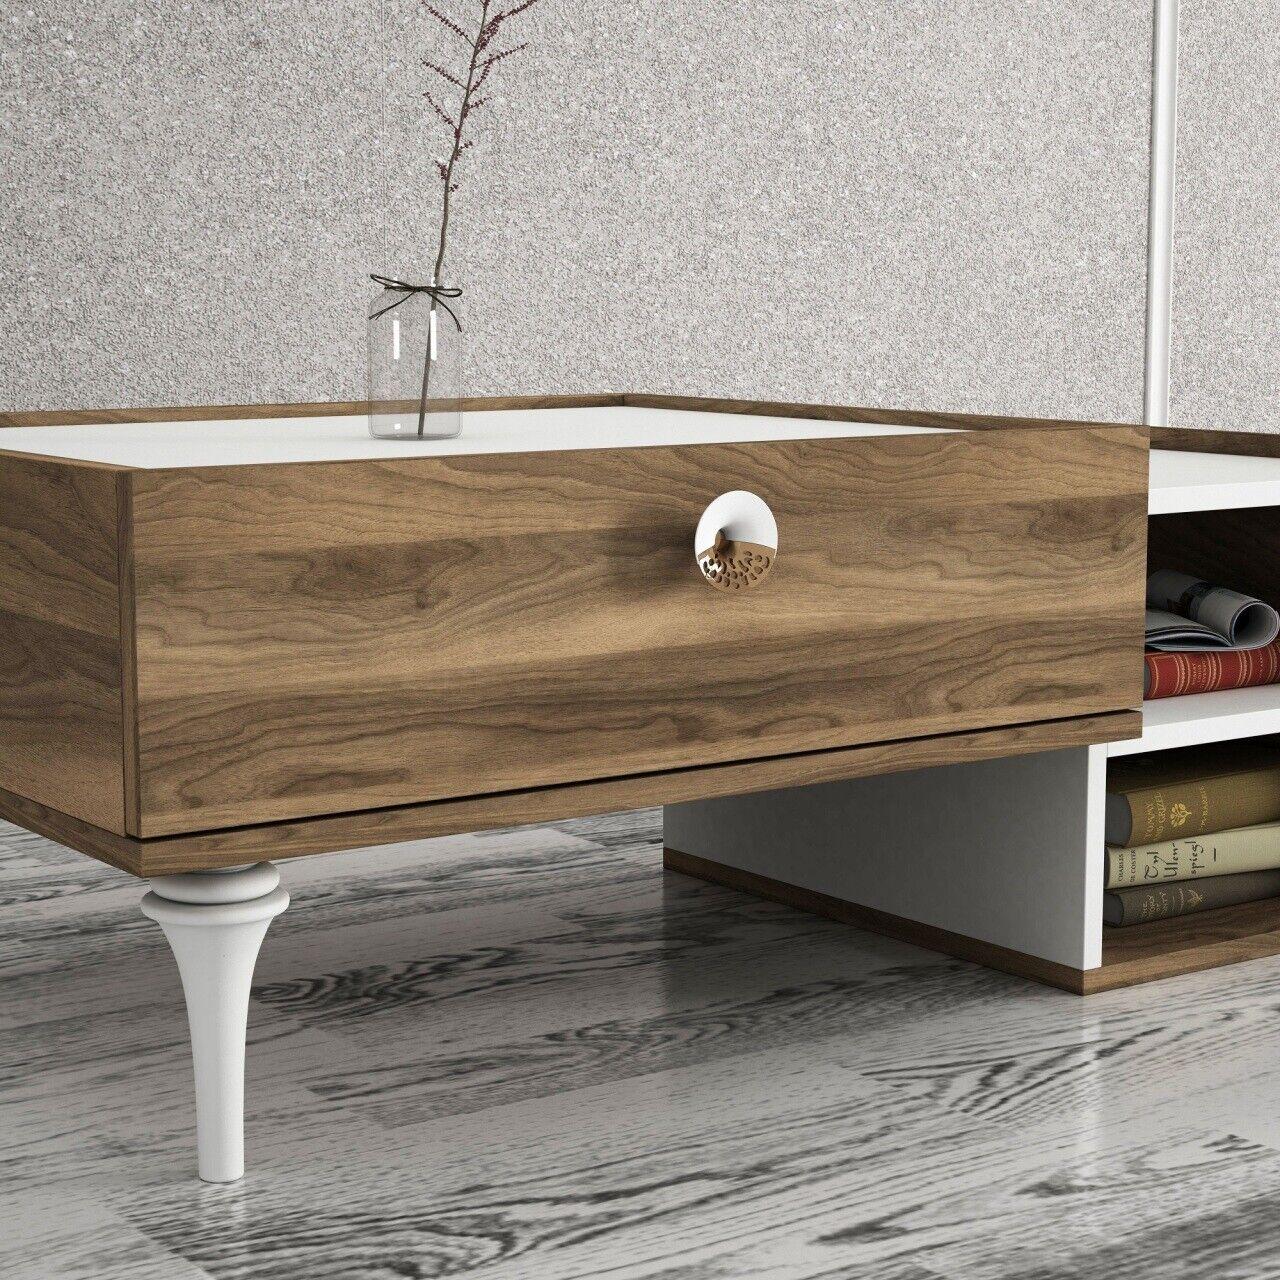 COUCHTISCH WEISS WOHNZIMMERTISCH Holz Beistelltisch Tisch Sofatisch modern  1943